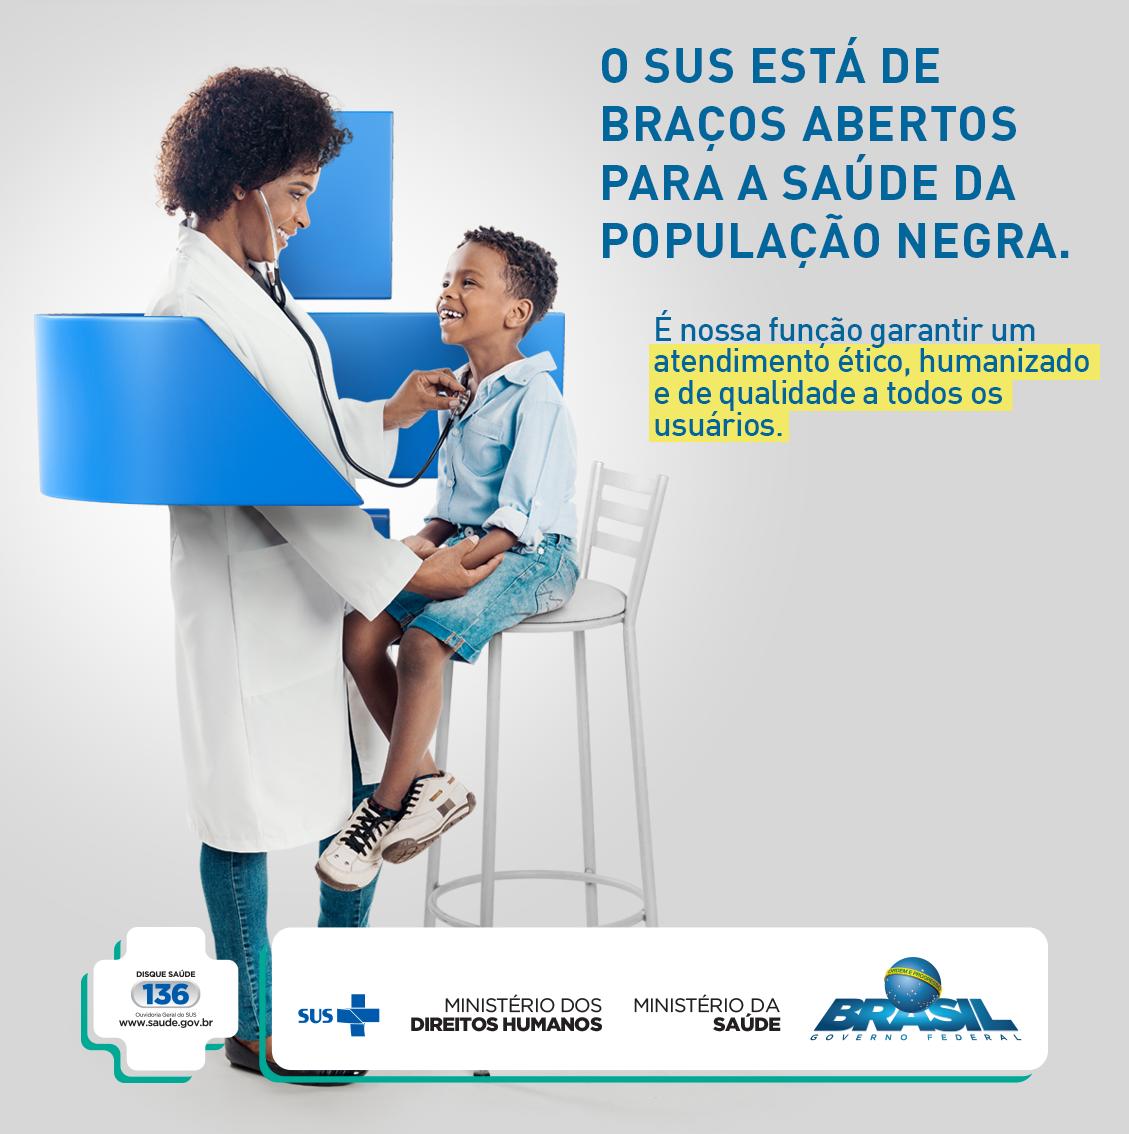 Ministério da Saúde - Saúde